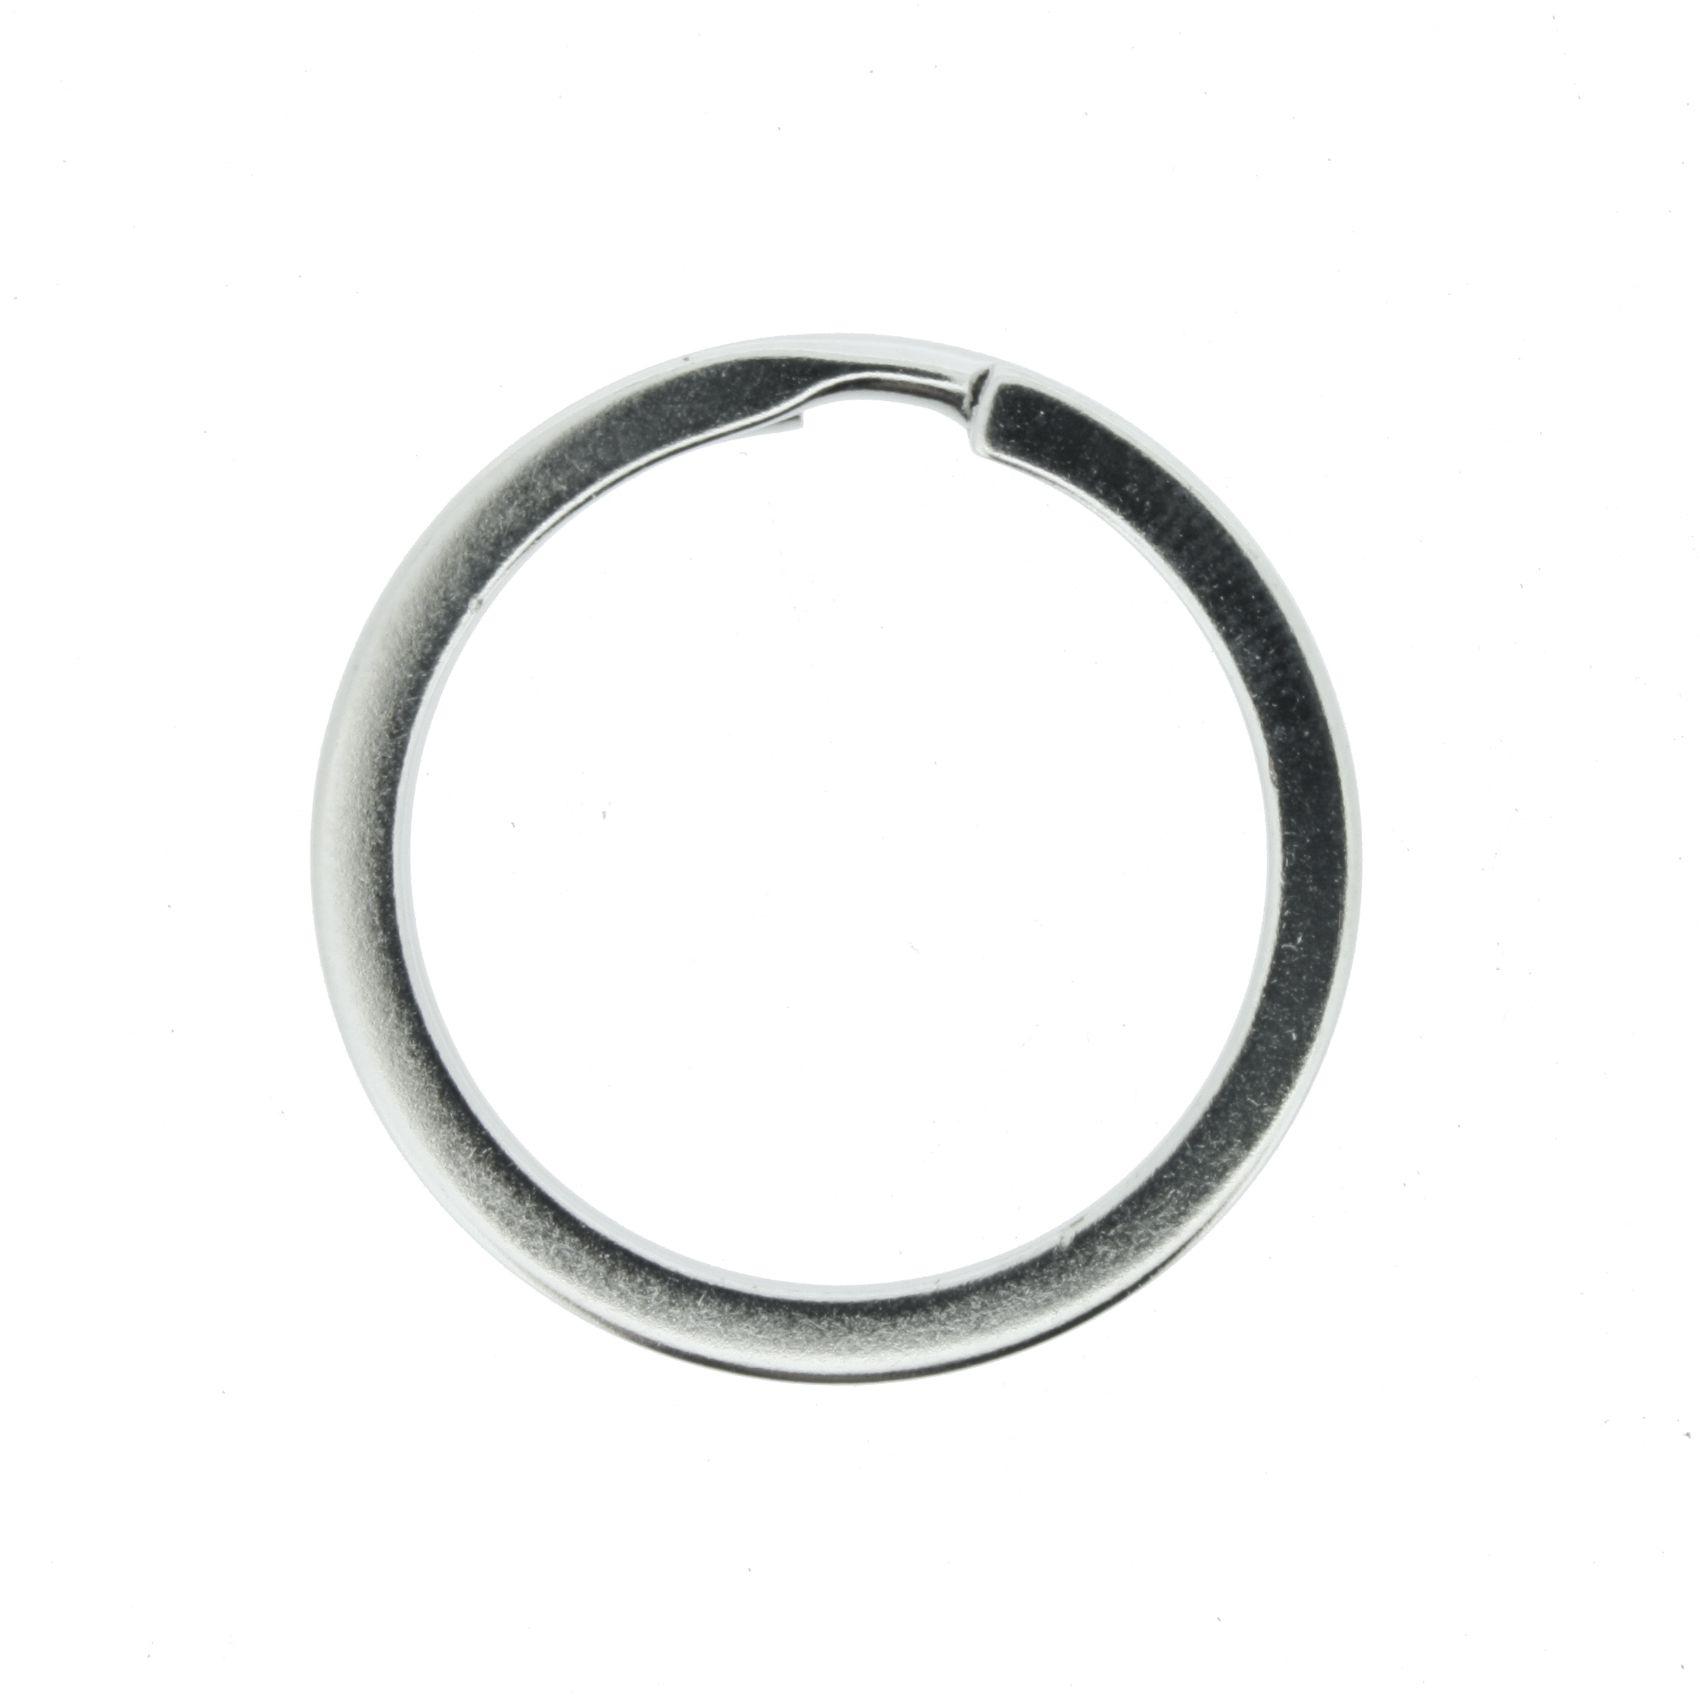 Argola p/ Chaveiro Italiana - Reforçada Níquel - 30mm  - Stéphanie Bijoux® - Peças para Bijuterias e Artesanato